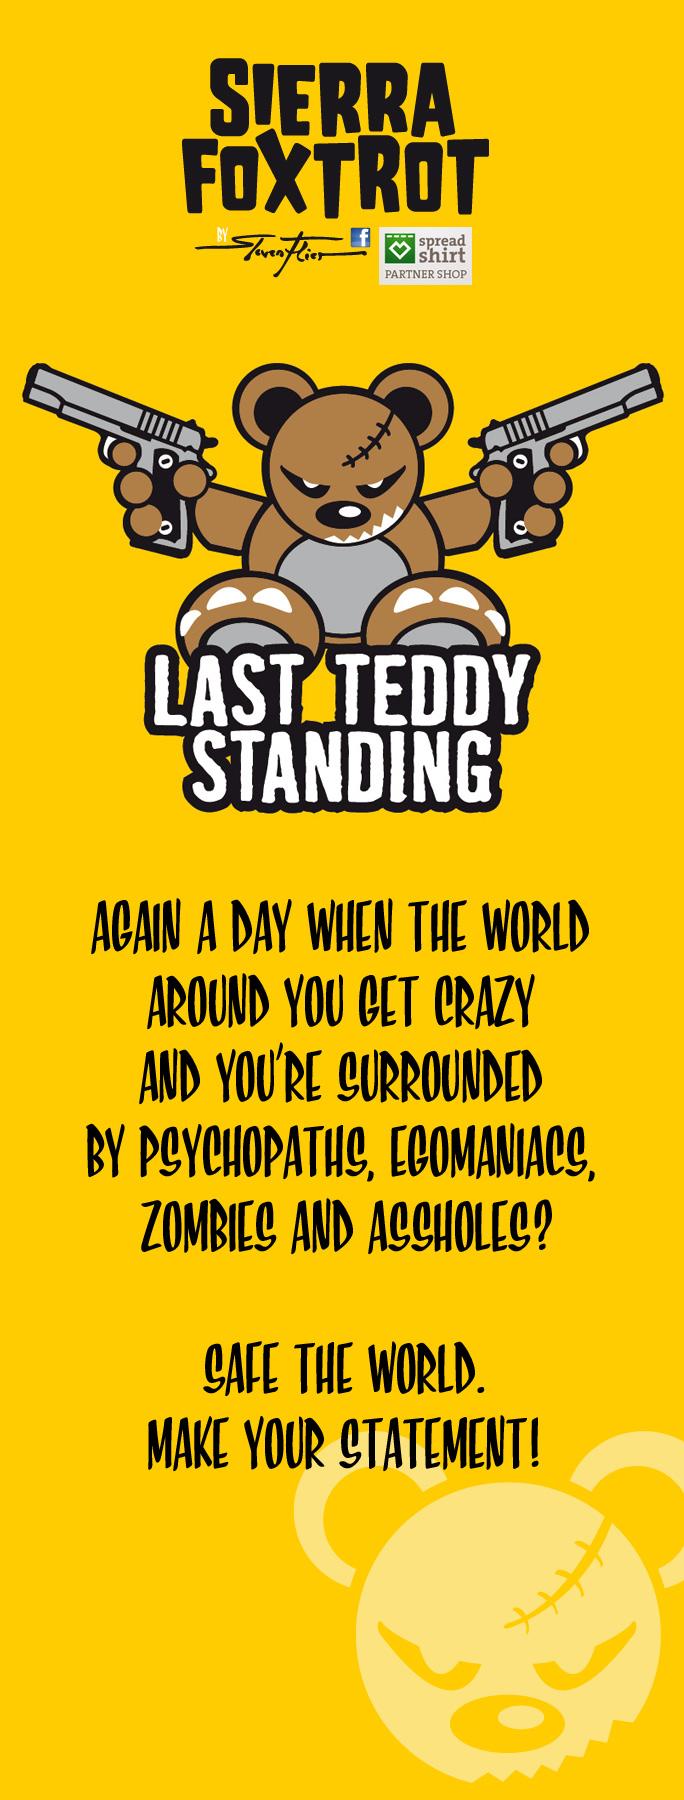 Steven Flier - Last Teddy Standing - My personal favourite!